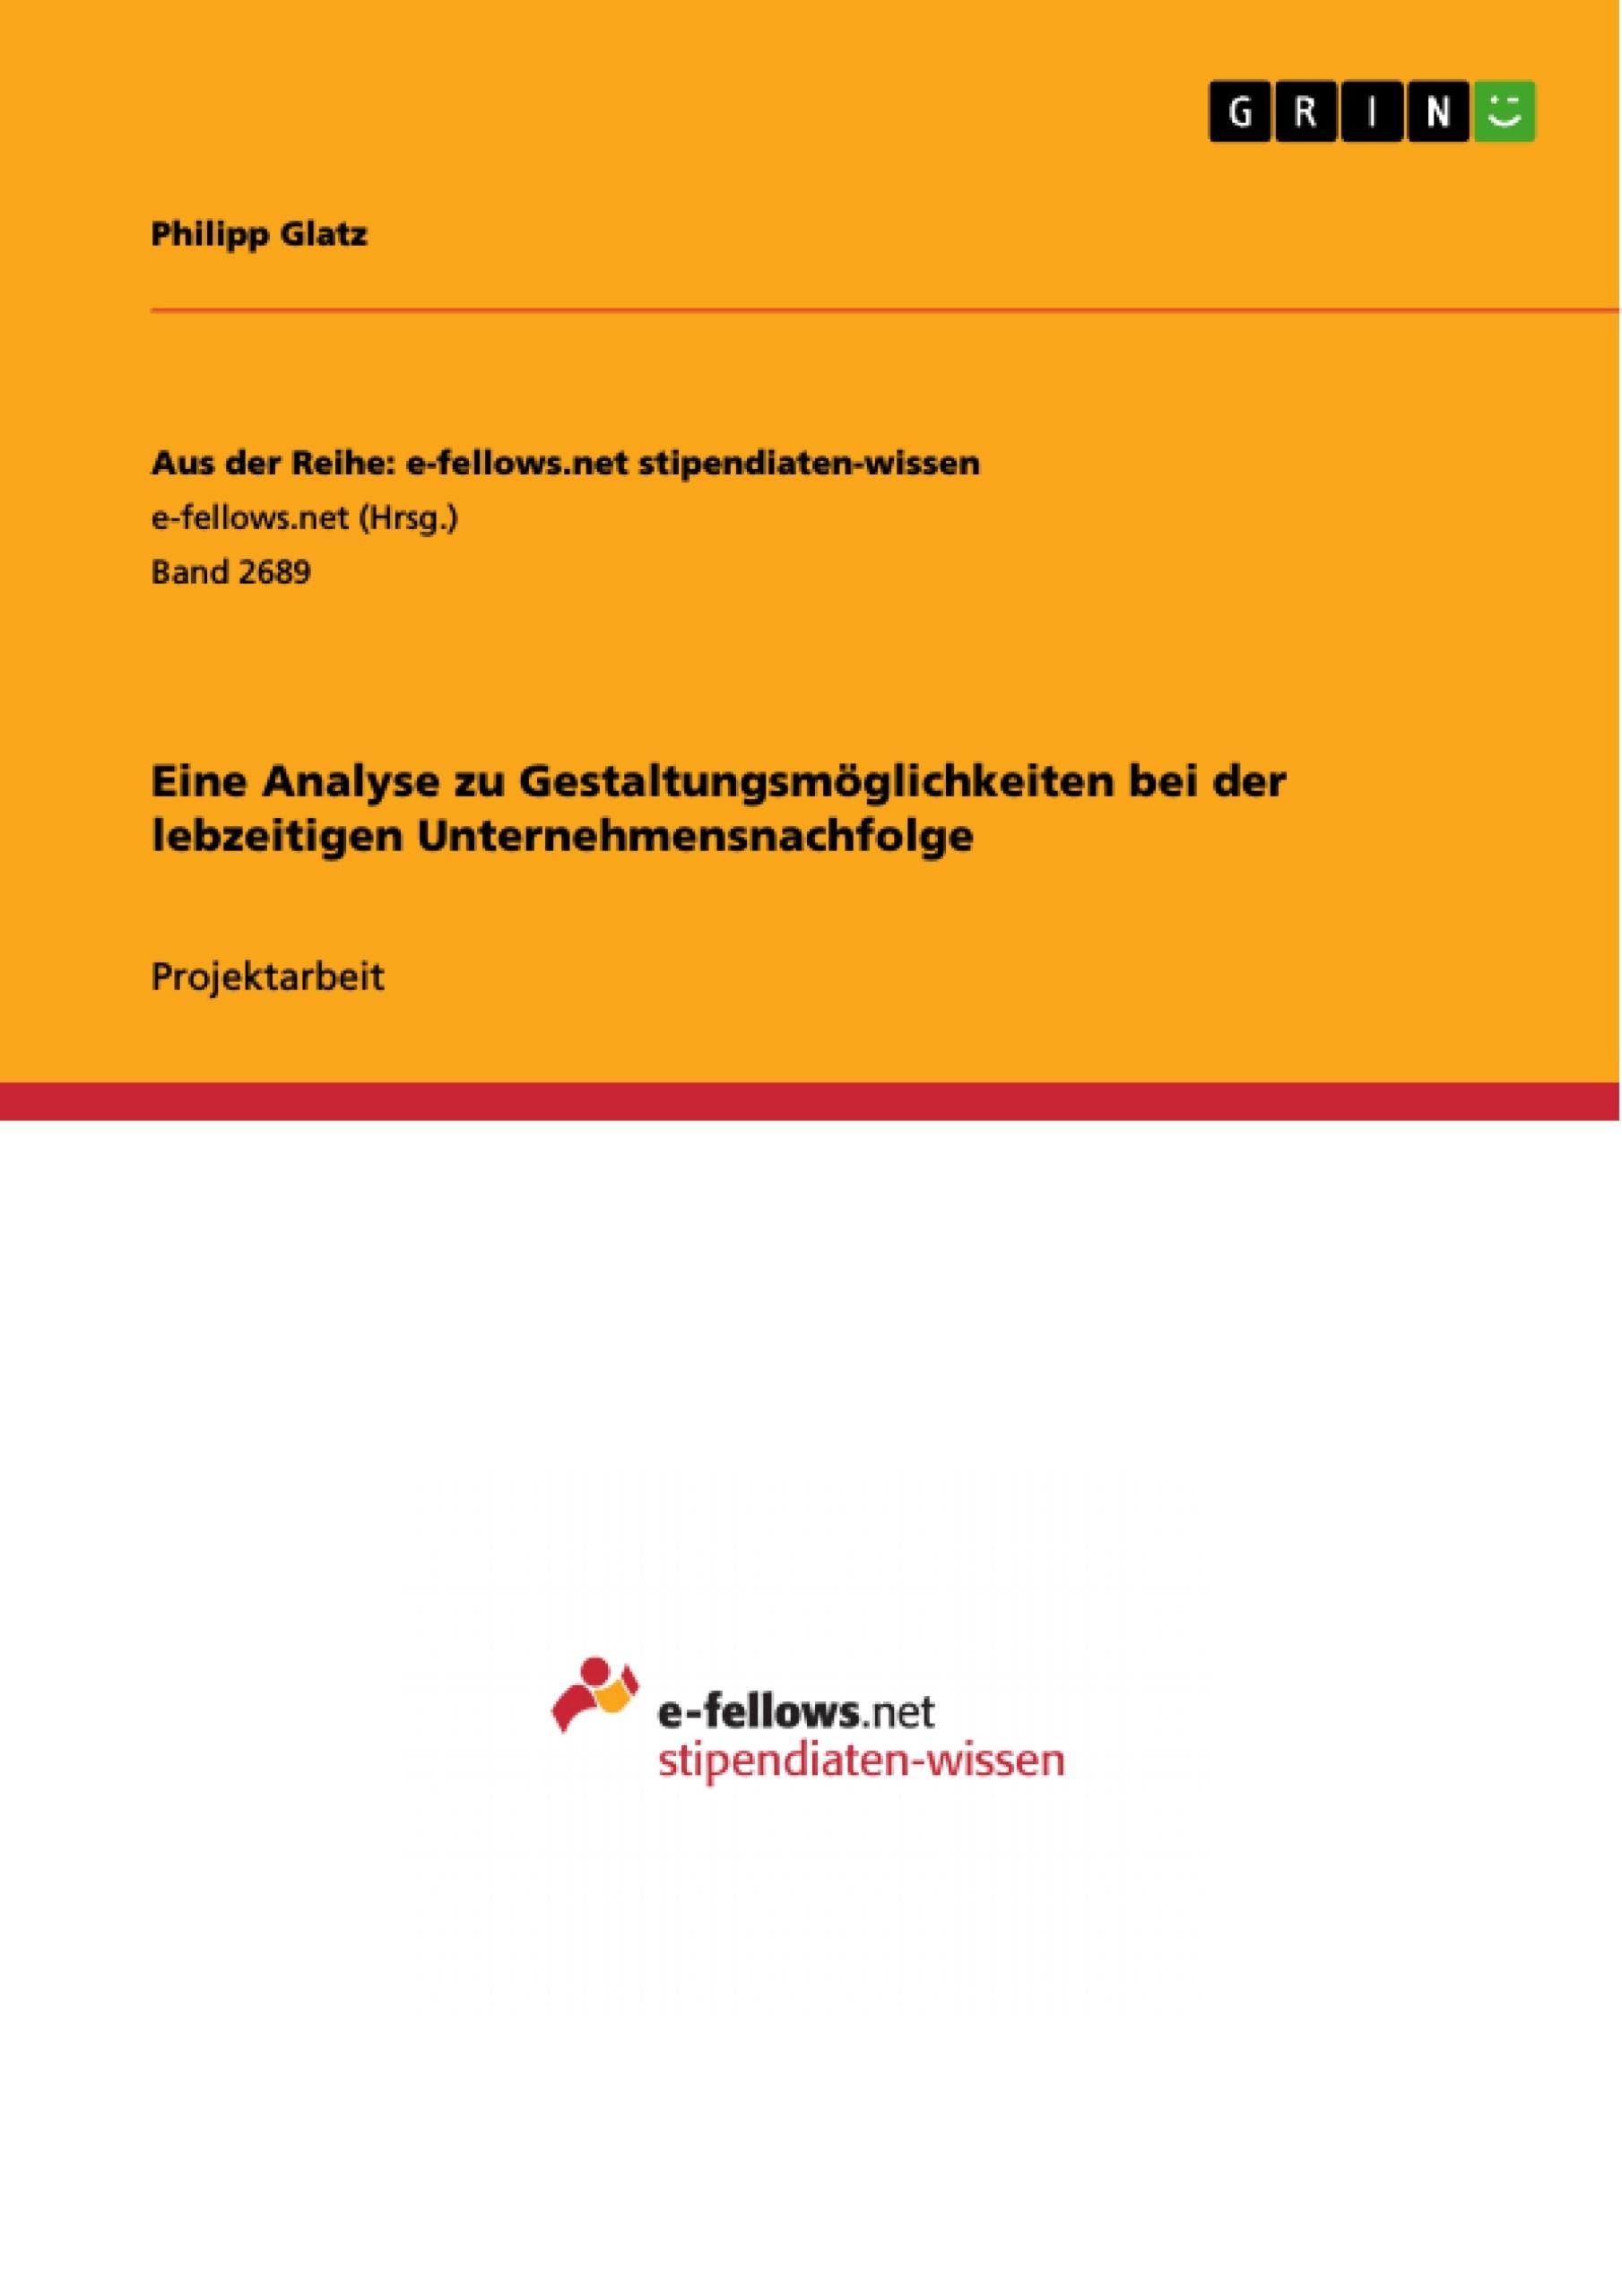 Titel: Eine Analyse zu Gestaltungsmöglichkeiten bei der lebzeitigen Unternehmensnachfolge